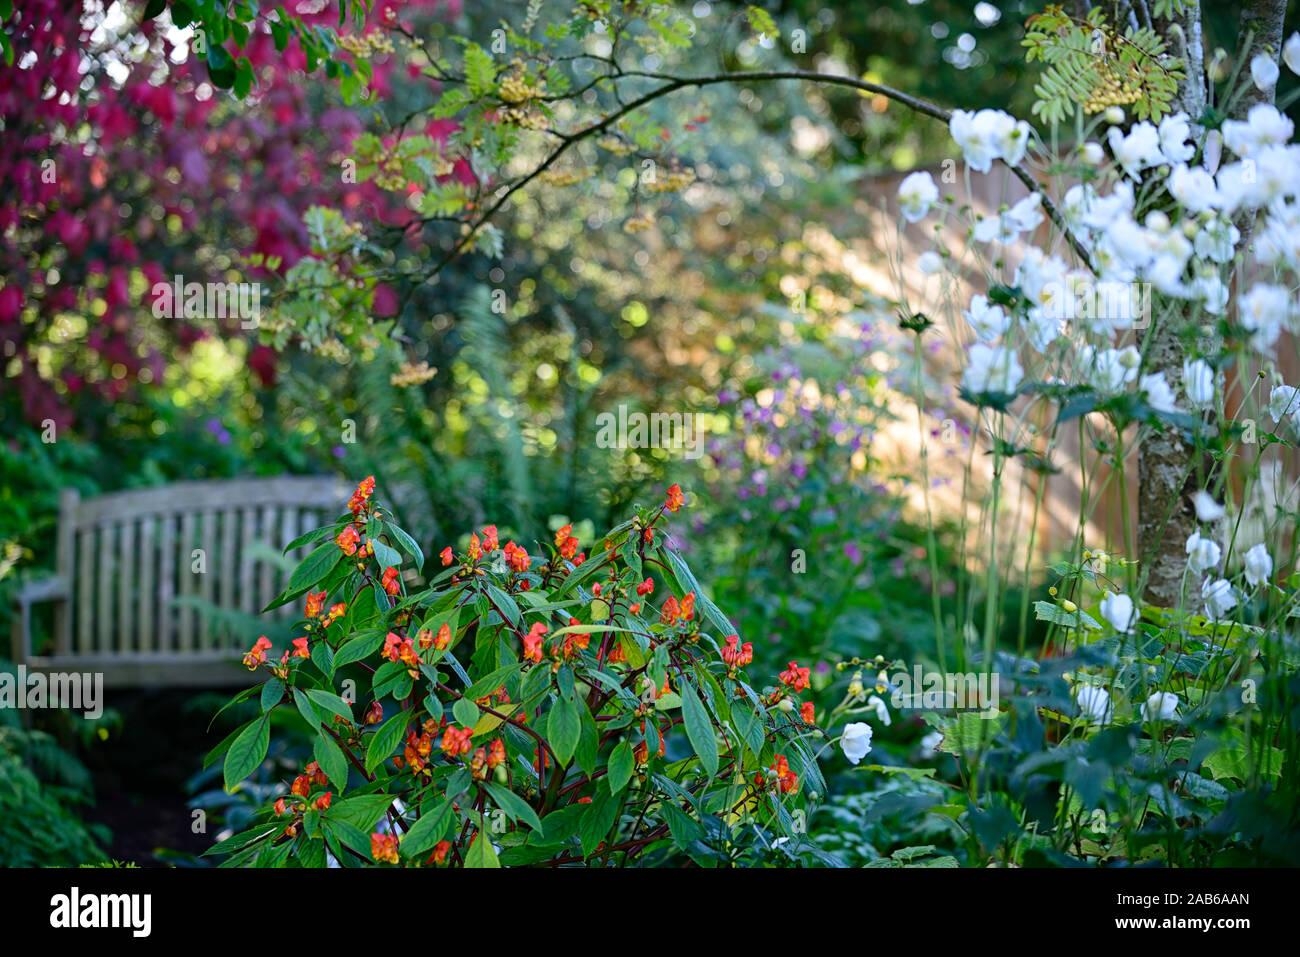 Piante Da Giardino Ombroso giardini all'ombra immagini & giardini all'ombra fotos stock